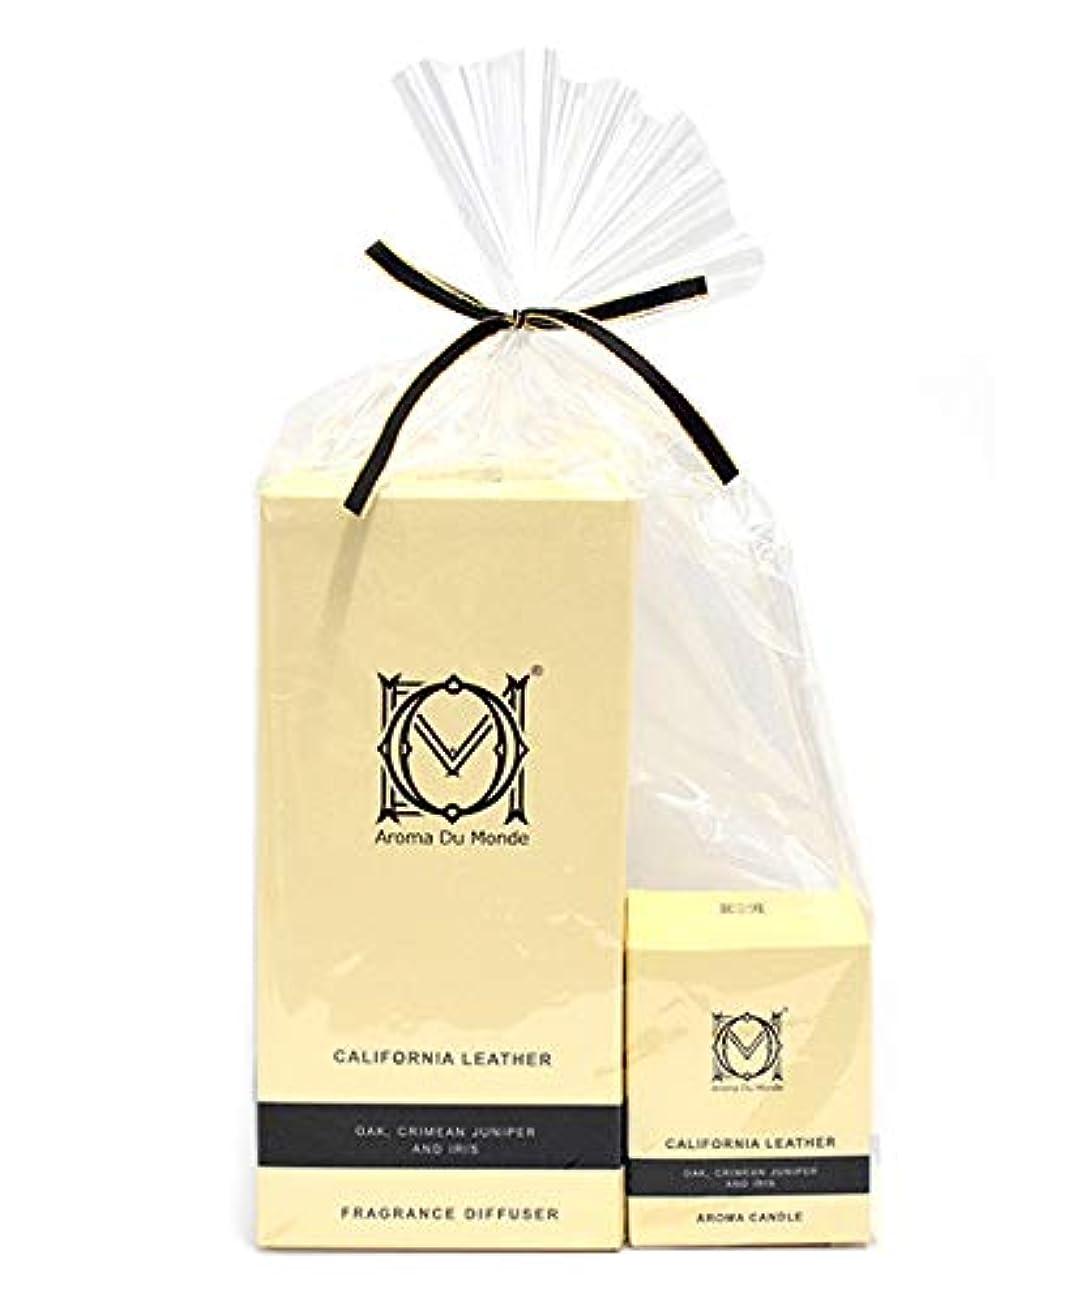 自伝幾分仕方フレグランスディフューザー&キャンドル カリフォルニアレザー セット Aroma Du Monde/ADM Fragrance Diffuser & Candle California Leather Set 81159